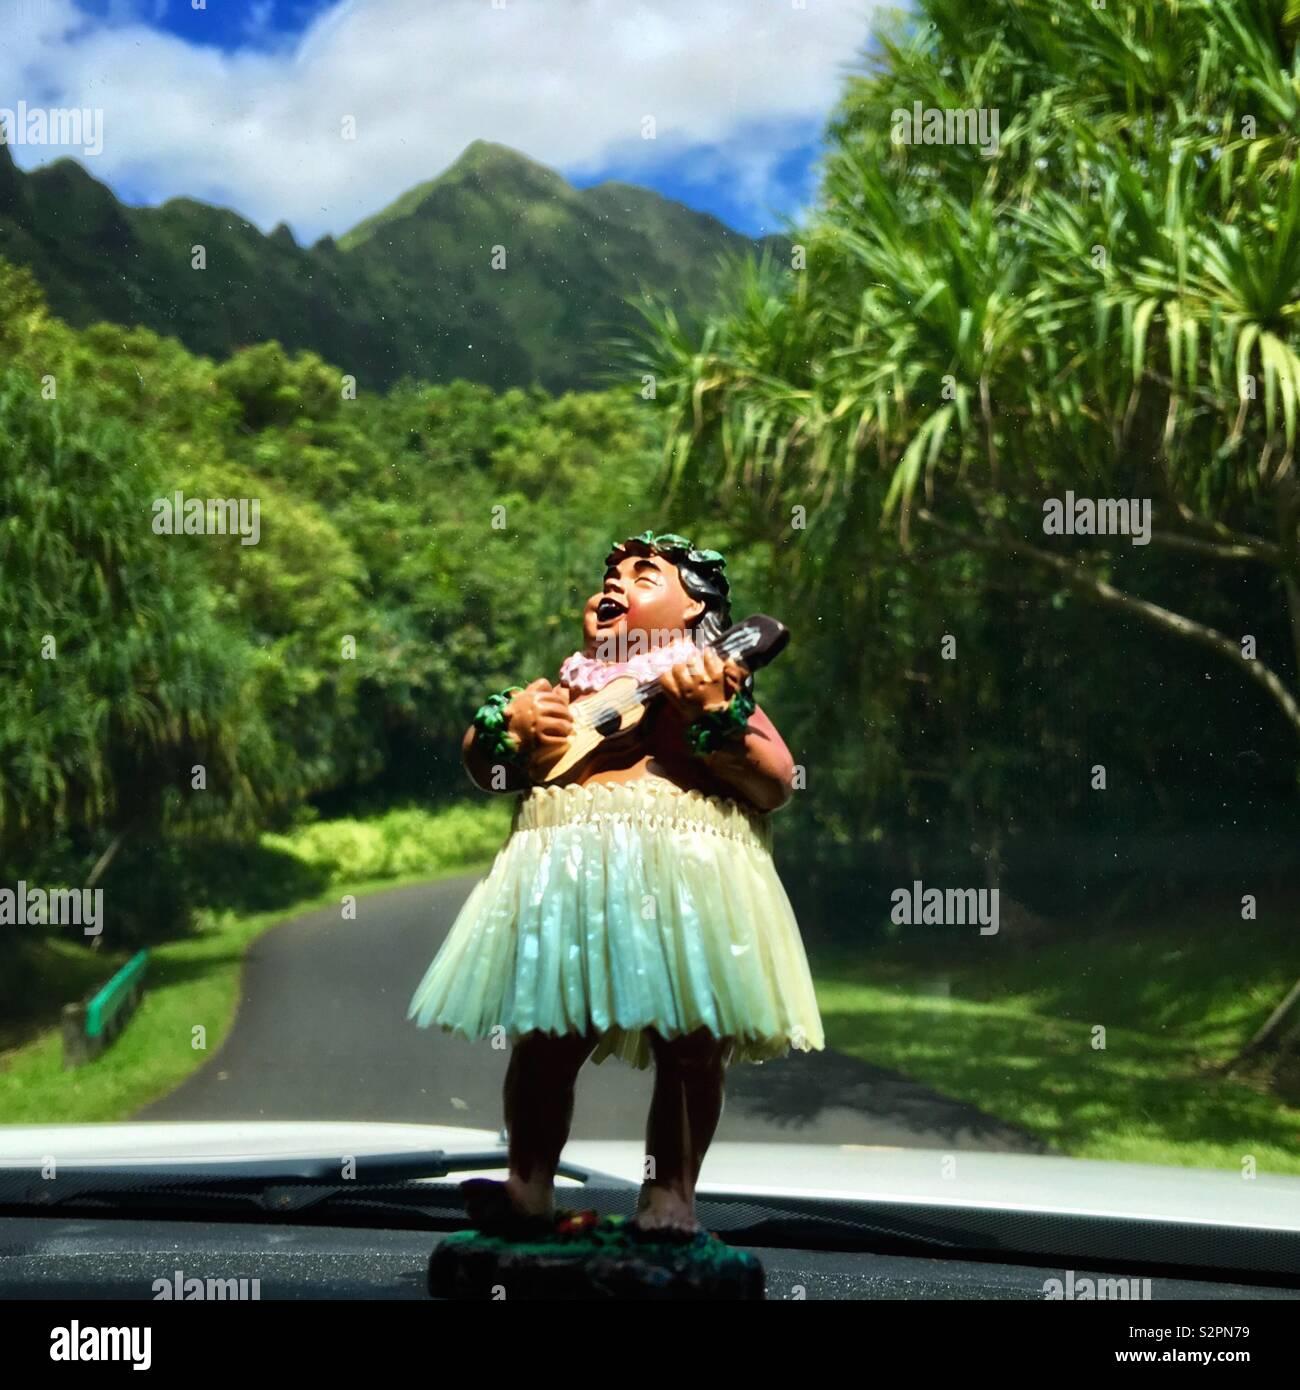 Bobblehead de Hula en una falda de hierba en un salpicadero tocando el ukelele mientras conduce en Hawai Foto de stock